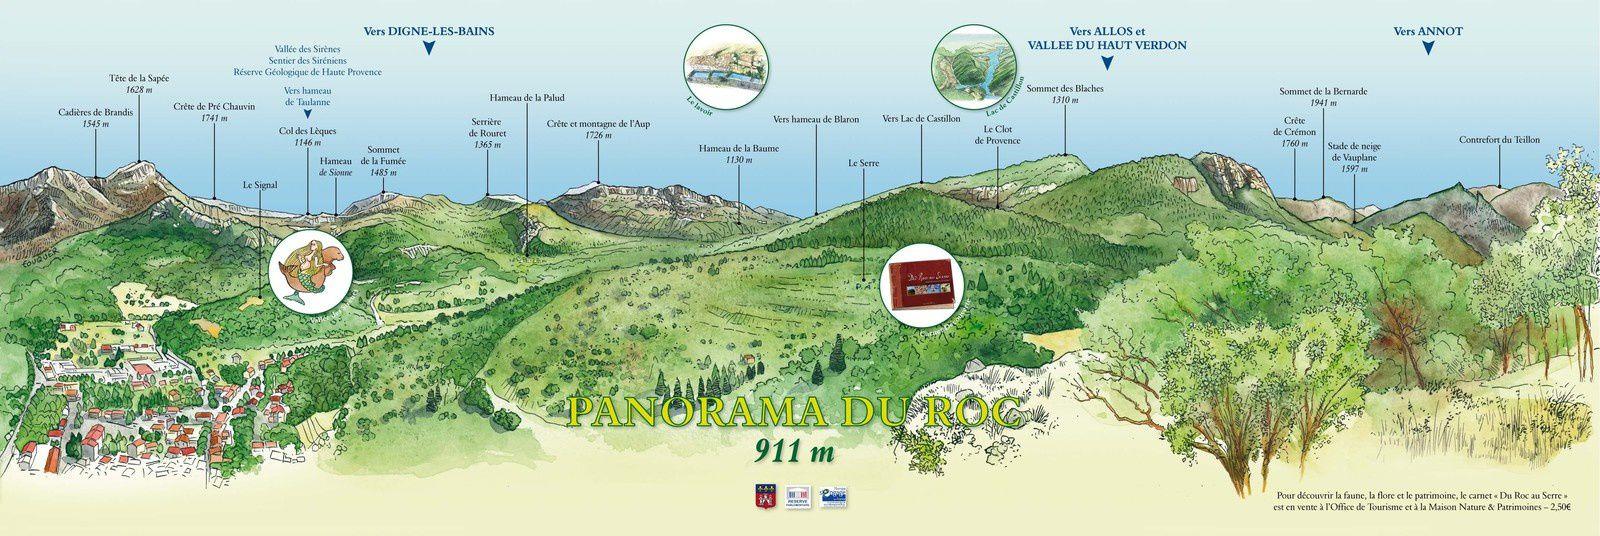 Un nouvel outil pour lire le paysage au sommet du Roc, Castellane